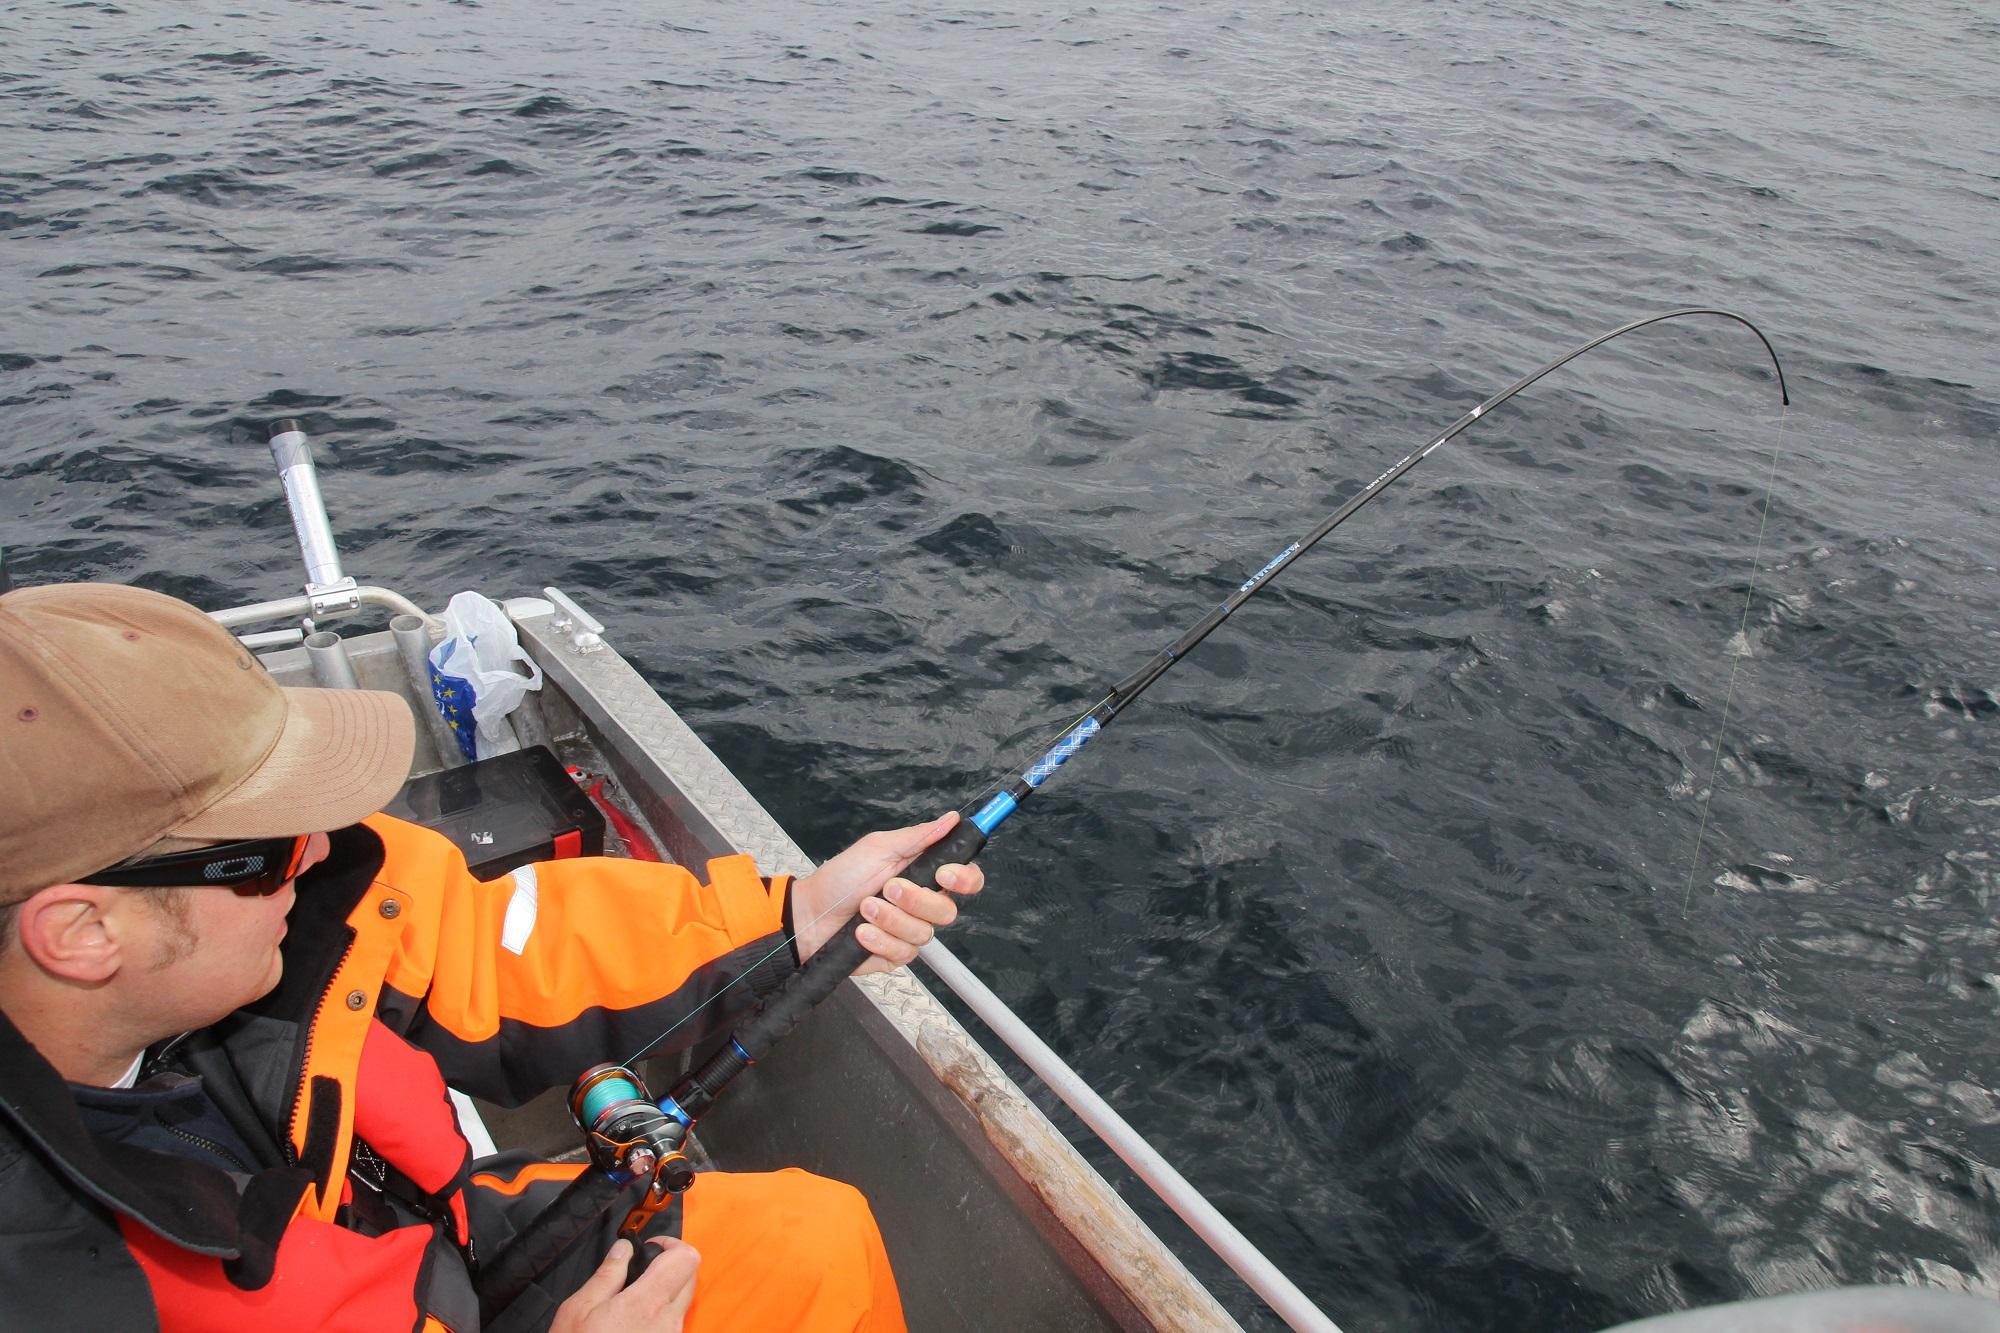 Ole drillt wieder einen besseren Fisch. Was hängt dieses Mal am Haken?